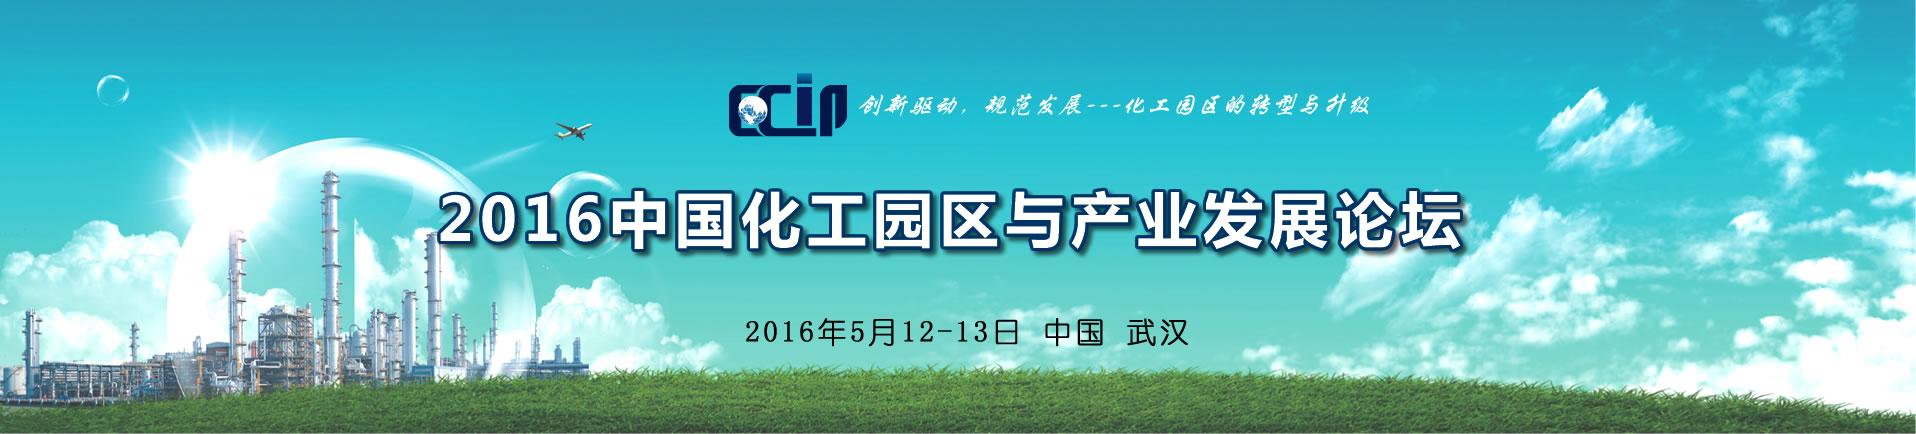 2016中国化工园区与产业发展论坛